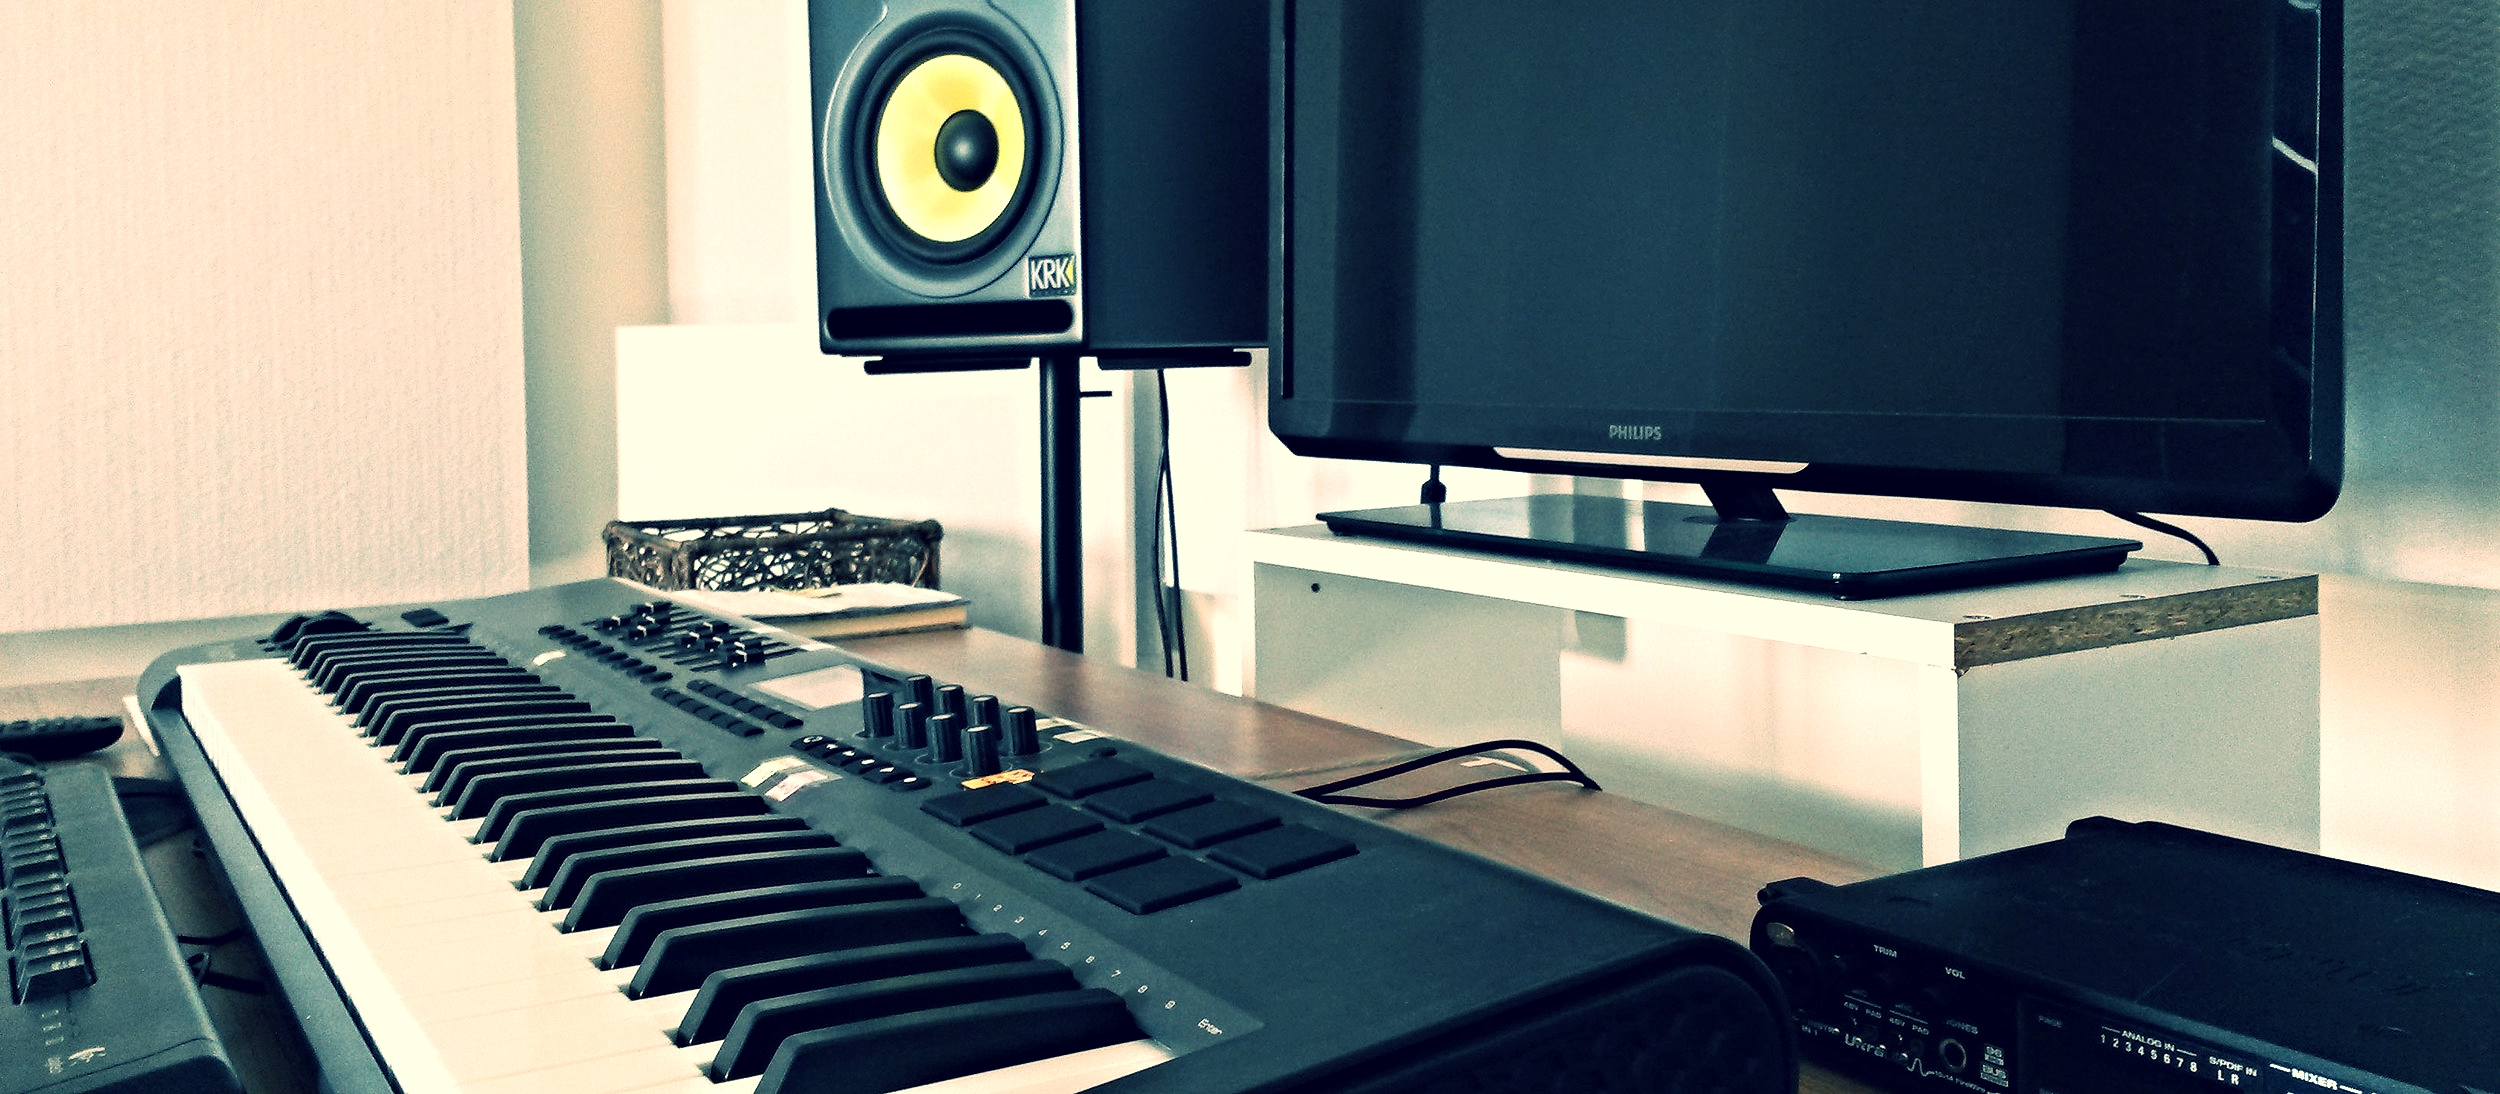 Ghostproducties en beats: de verdeling van muziekrechten en toestemming tot exploitatie kan men regelen in een producercontract. In dat document kunt u ook masterrechten vastleggen.